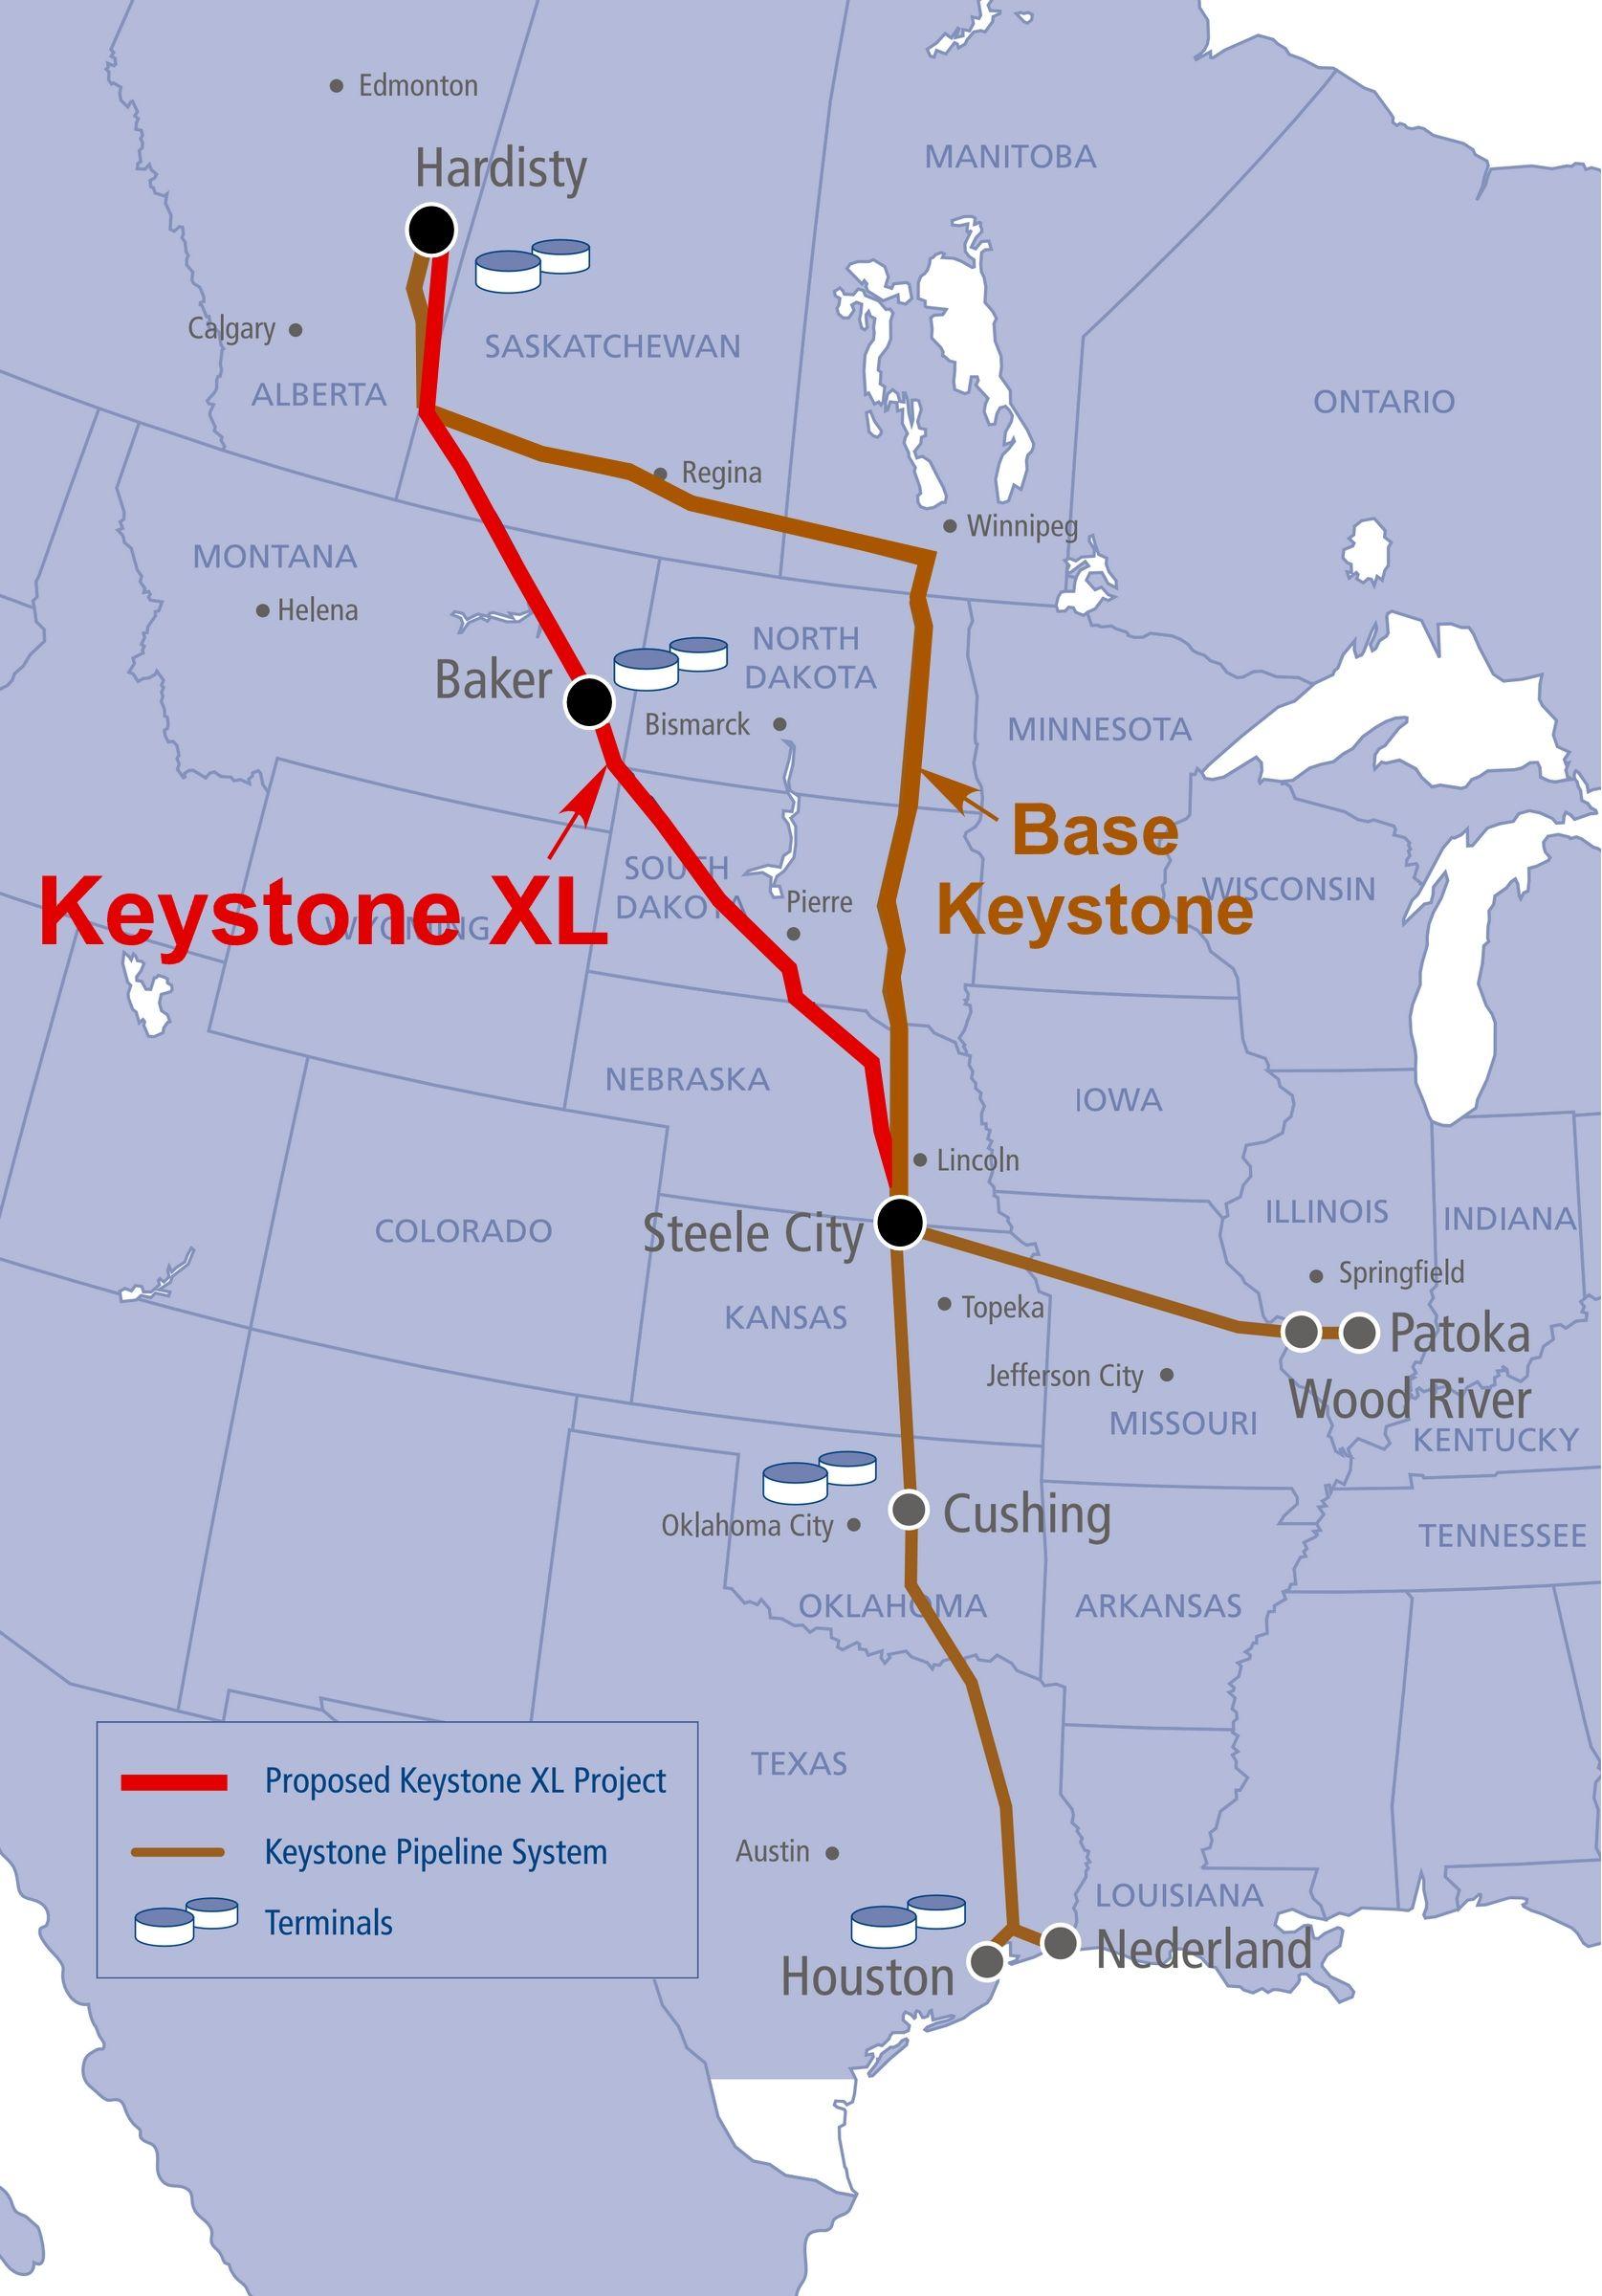 Art Berman The Keystone Xl Pipeline A Risky Bet On Higher Oil